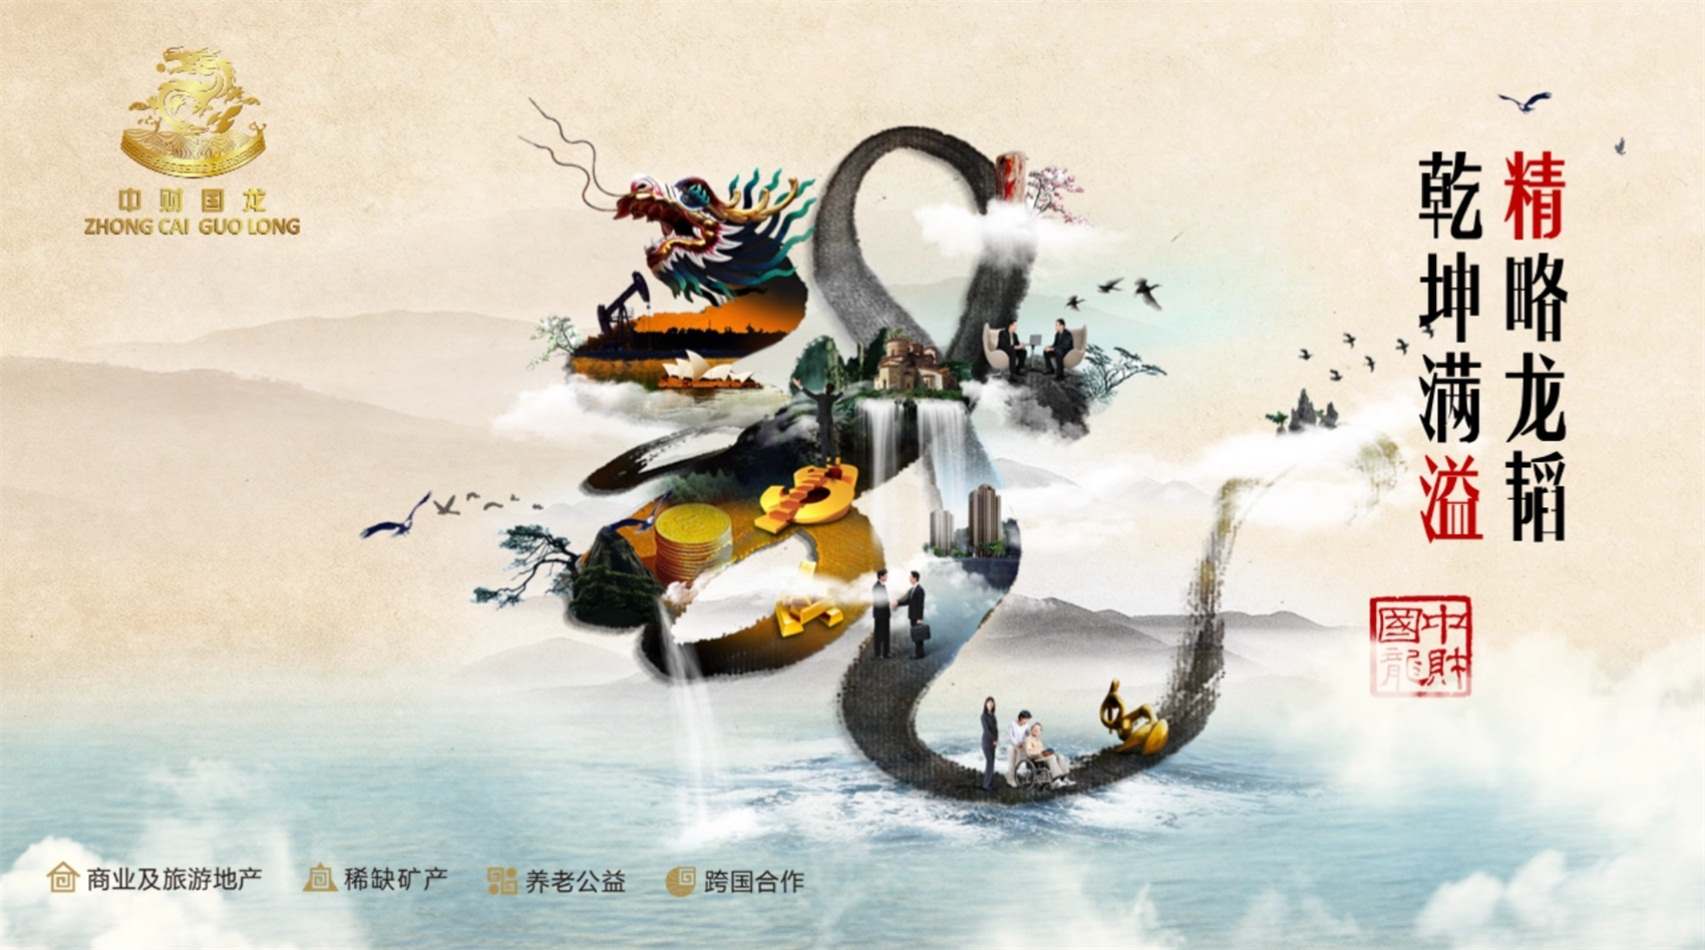 中財國龍(long)